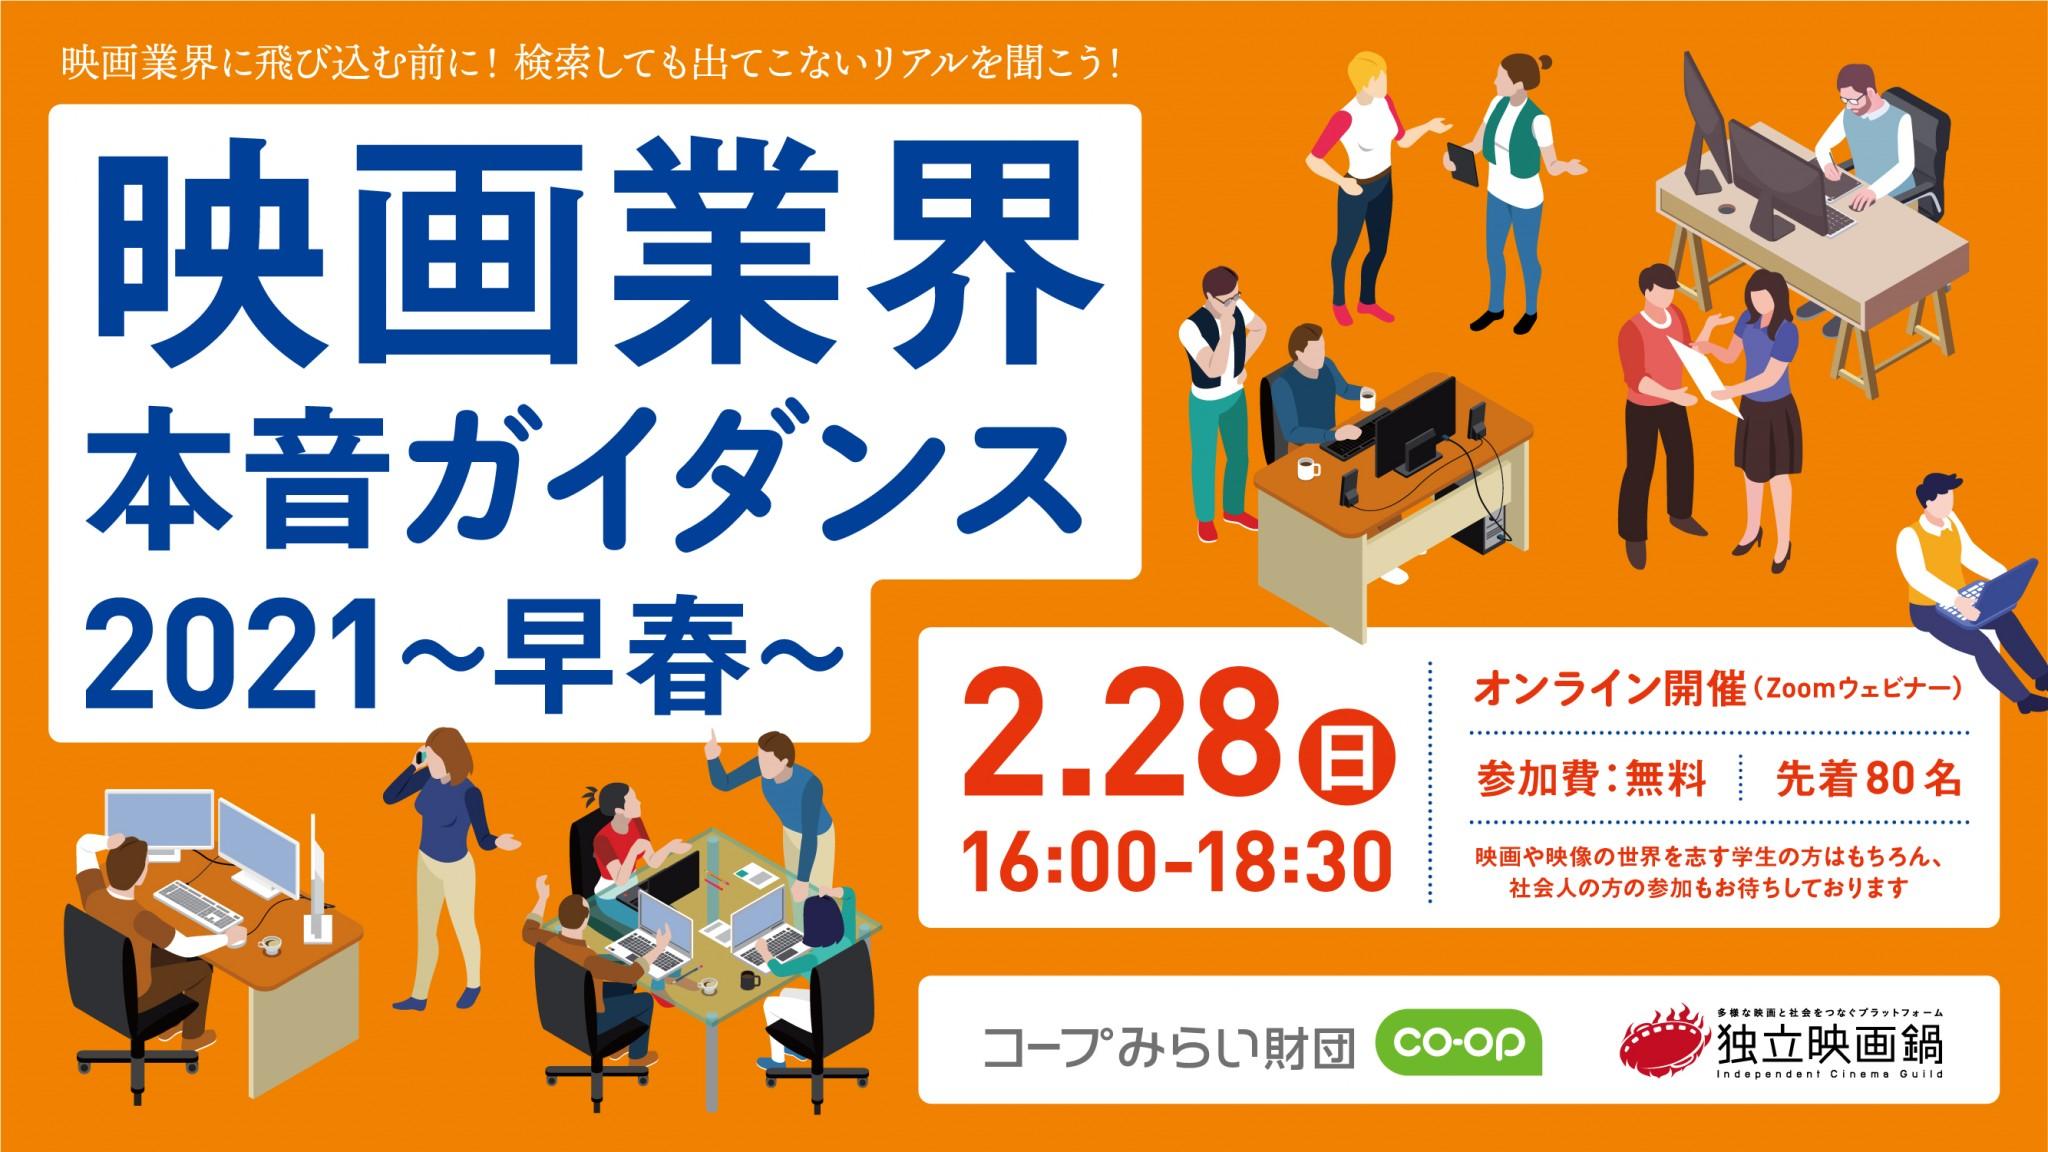 参加無料!「映画業界本音ガイダンス2021-早春-」2/28(日)オンライン開催の画像